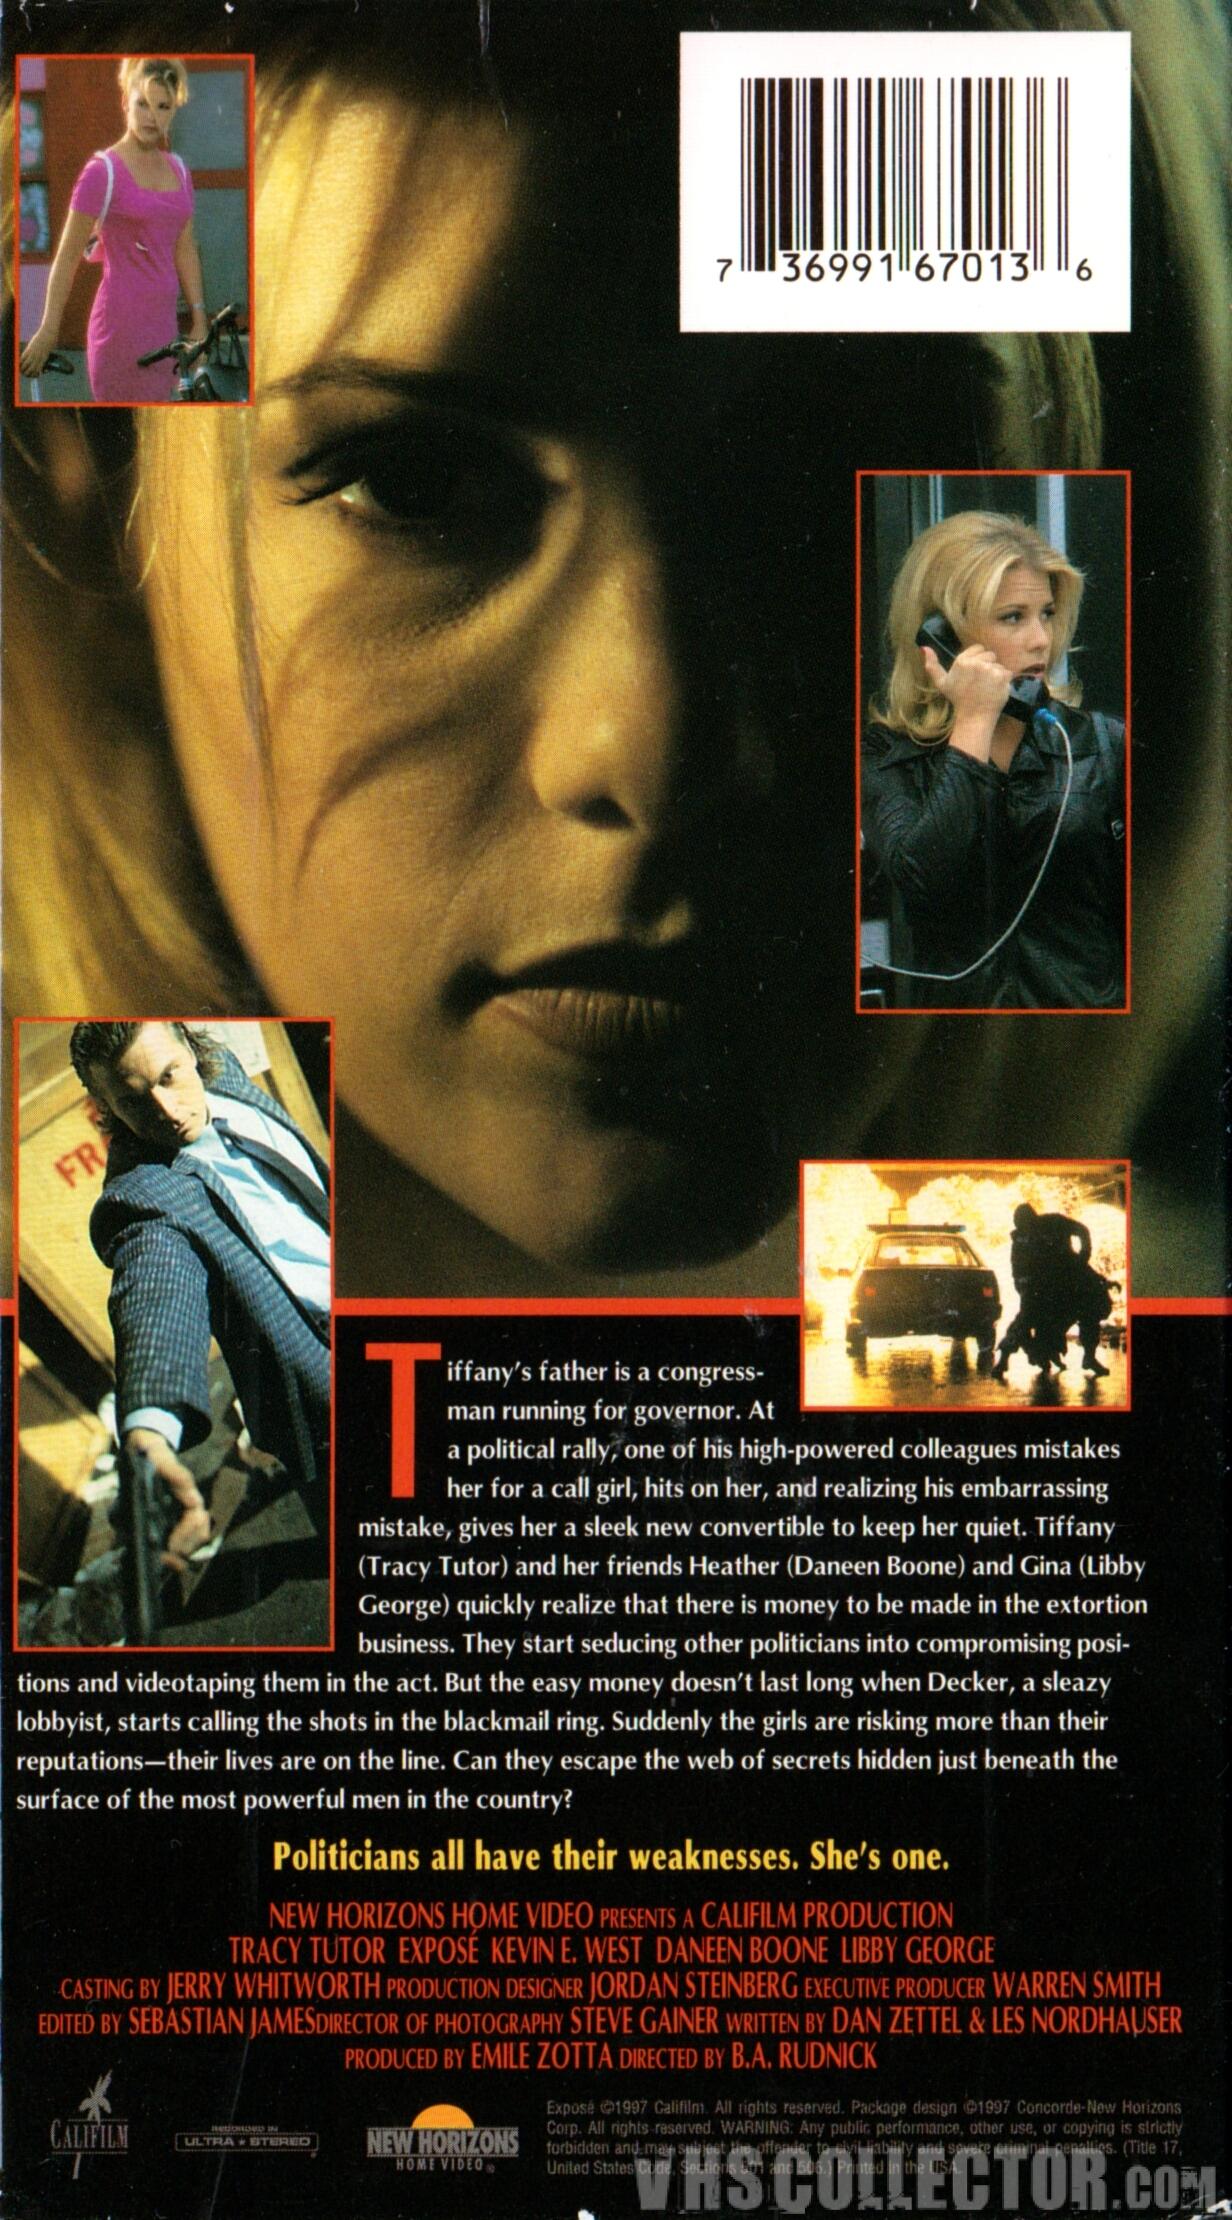 expose 1997 movie